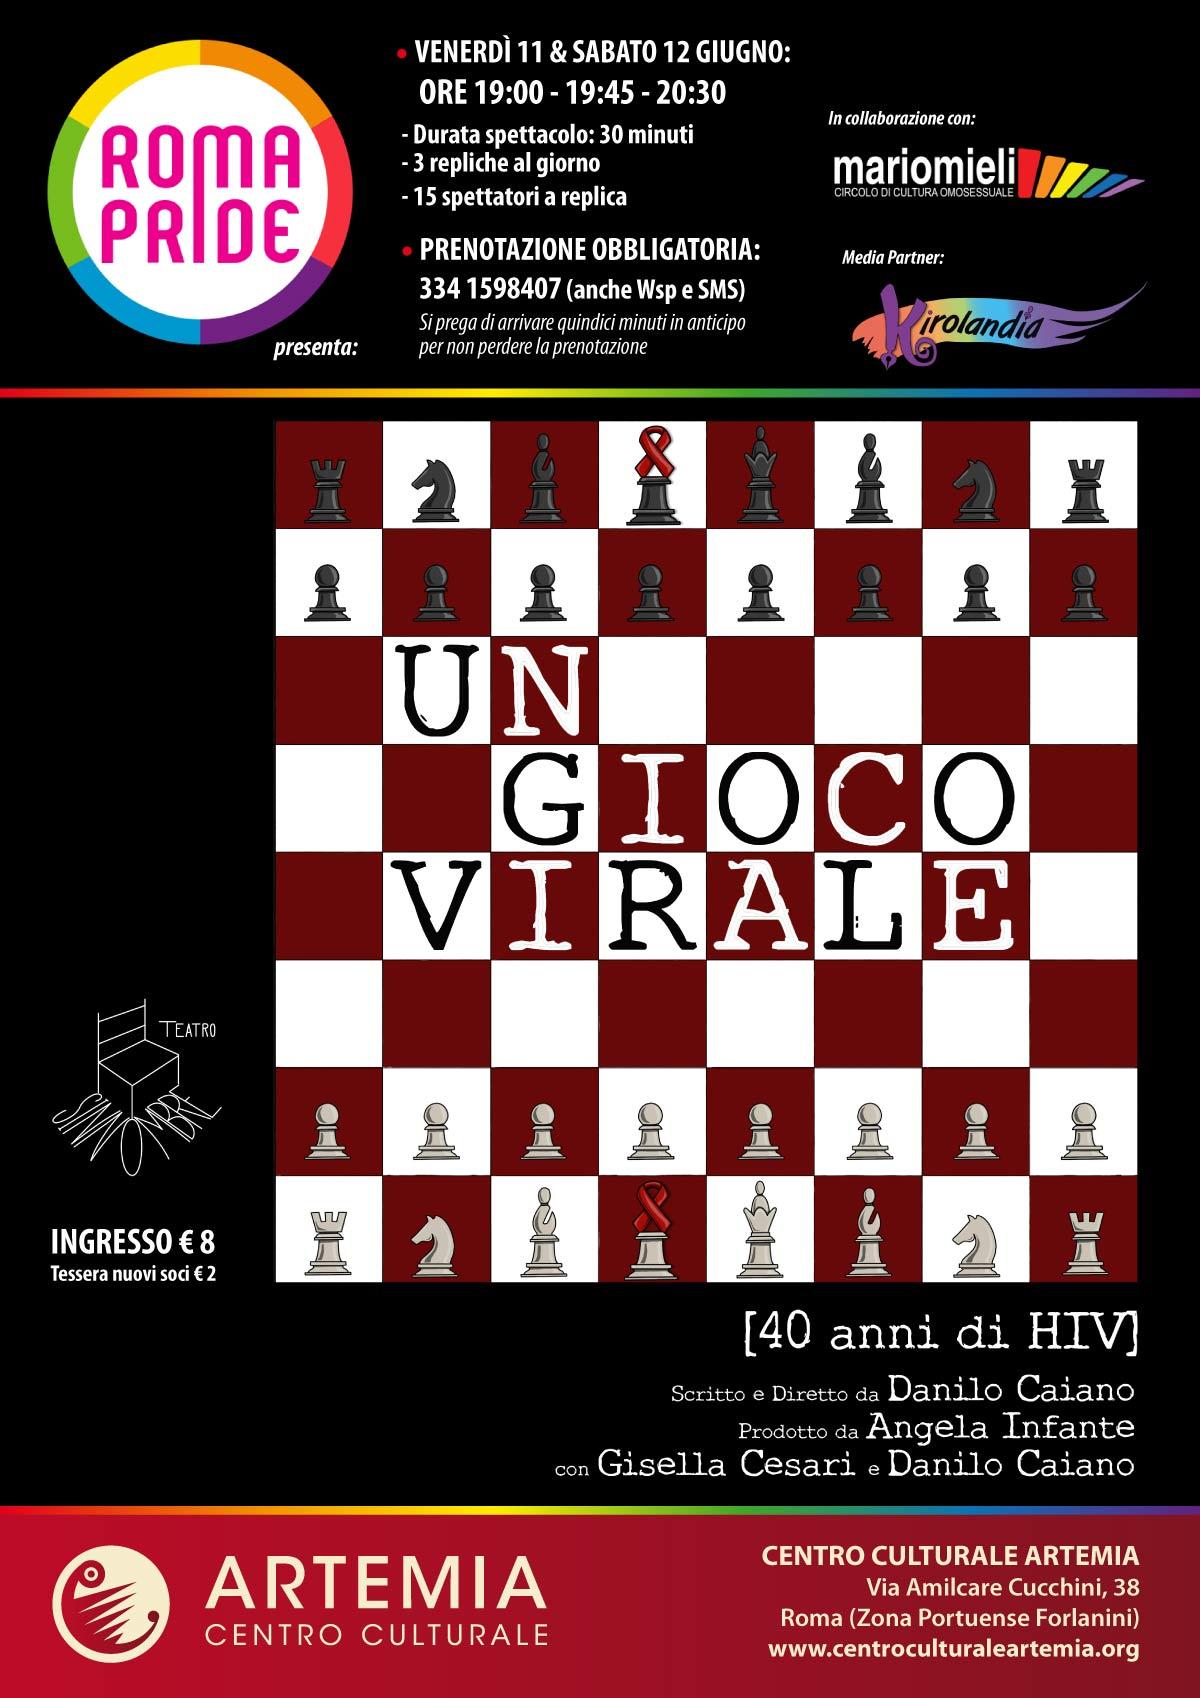 Roma Pride 2021 - Un gioco virale